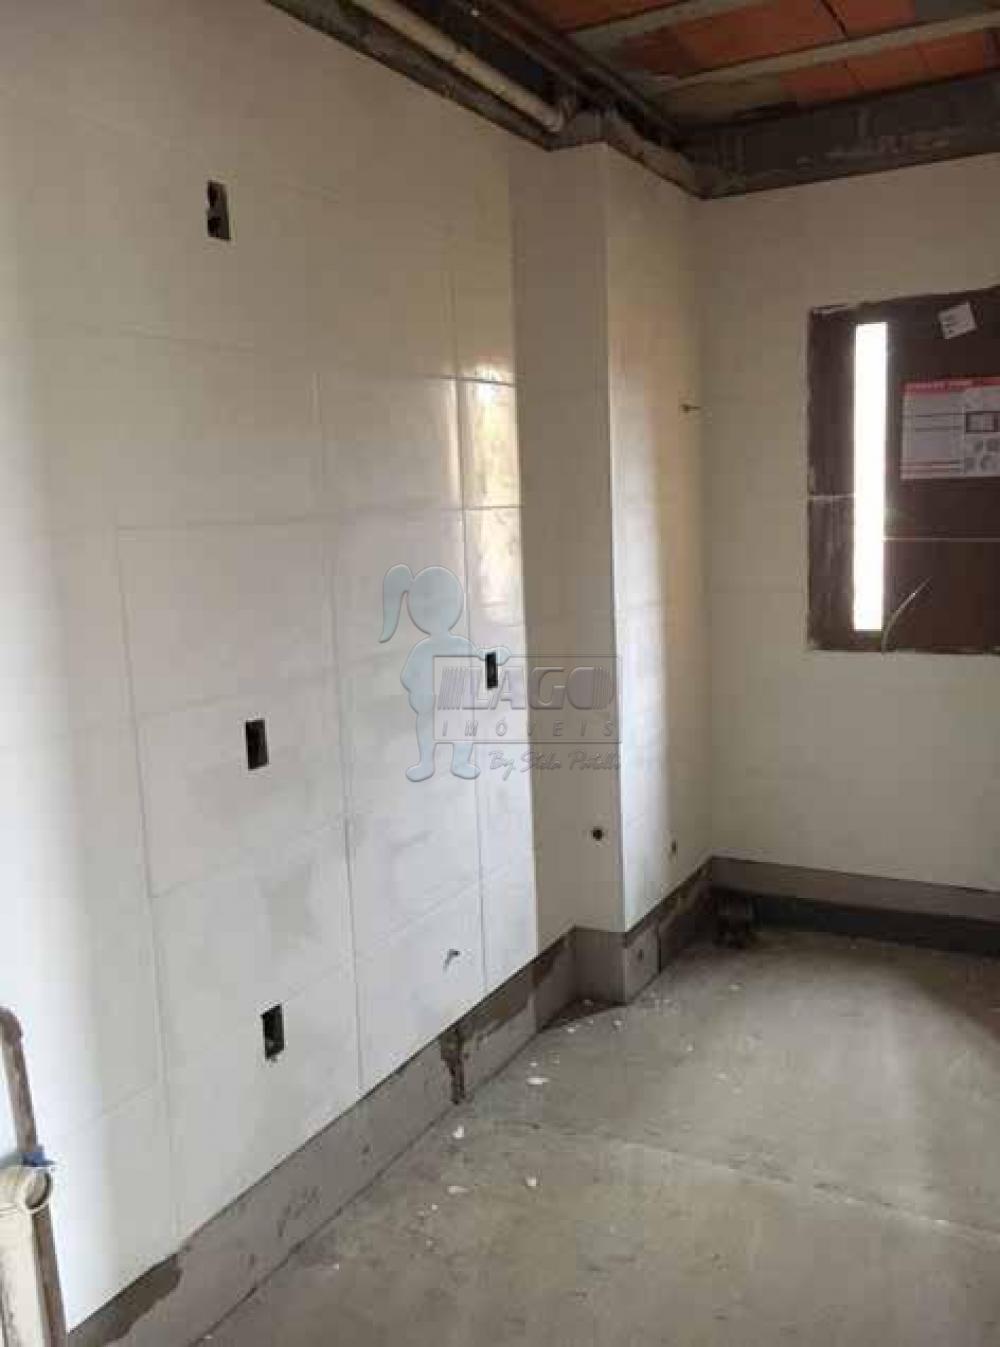 Comprar Apartamento / Padrão em Ribeirão Preto apenas R$ 150.000,00 - Foto 17